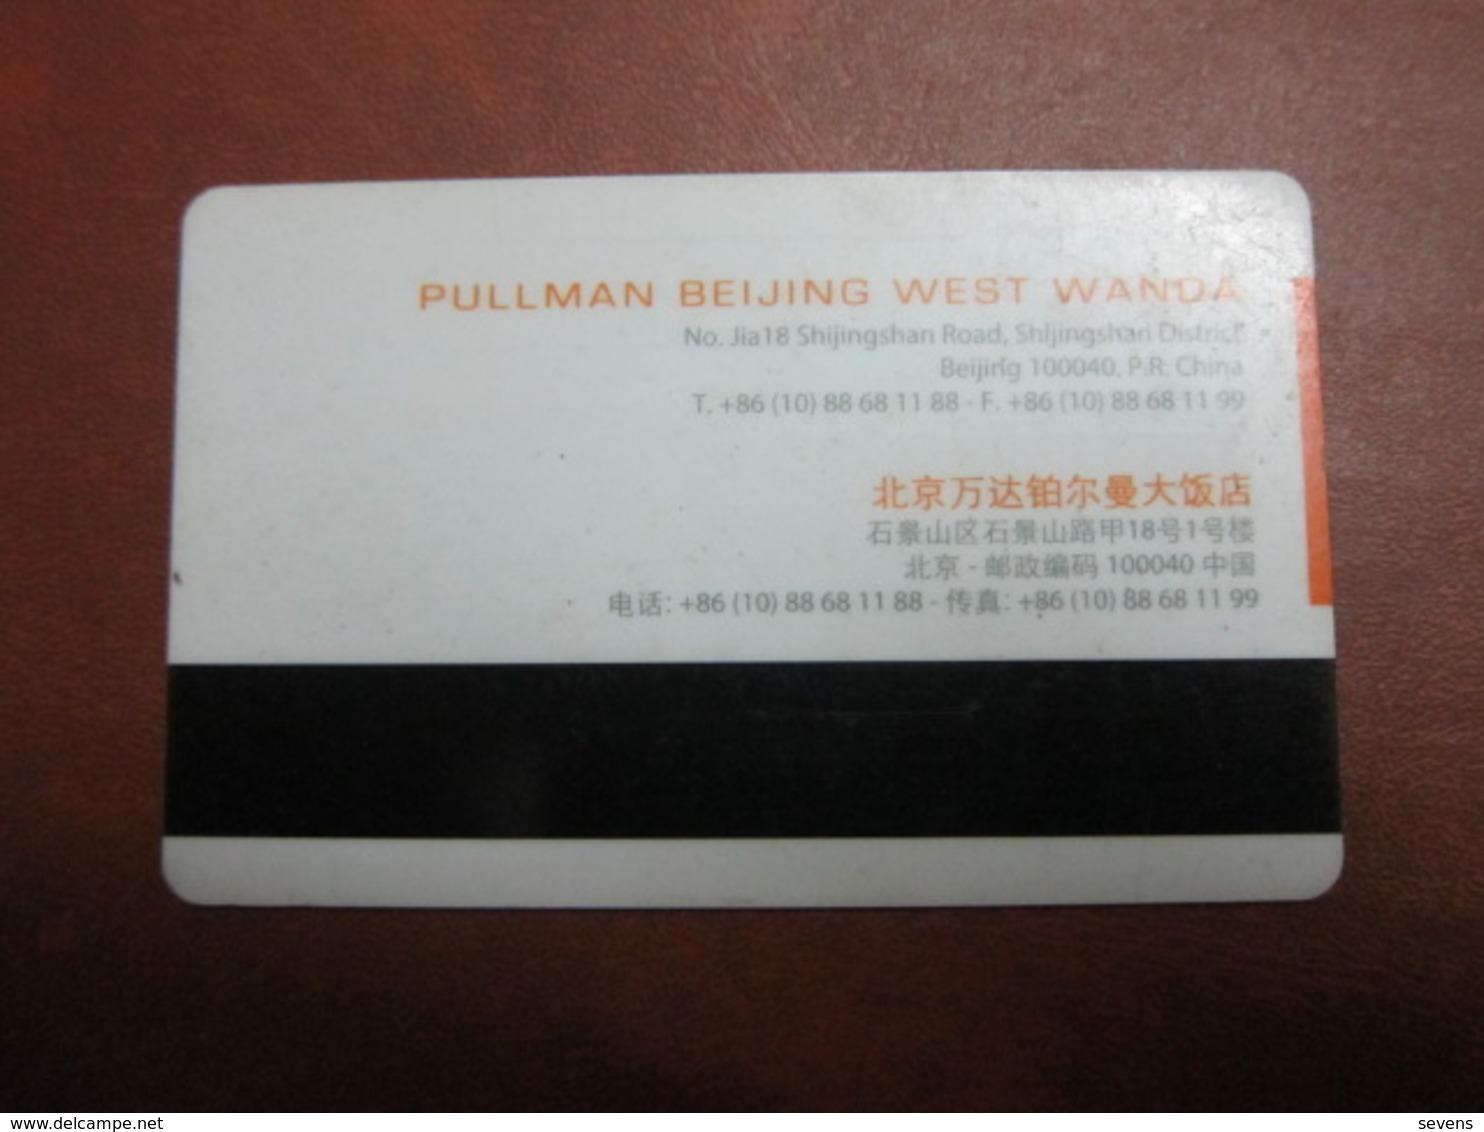 Pullman Beijing West Wanda - Cartes D'hotel